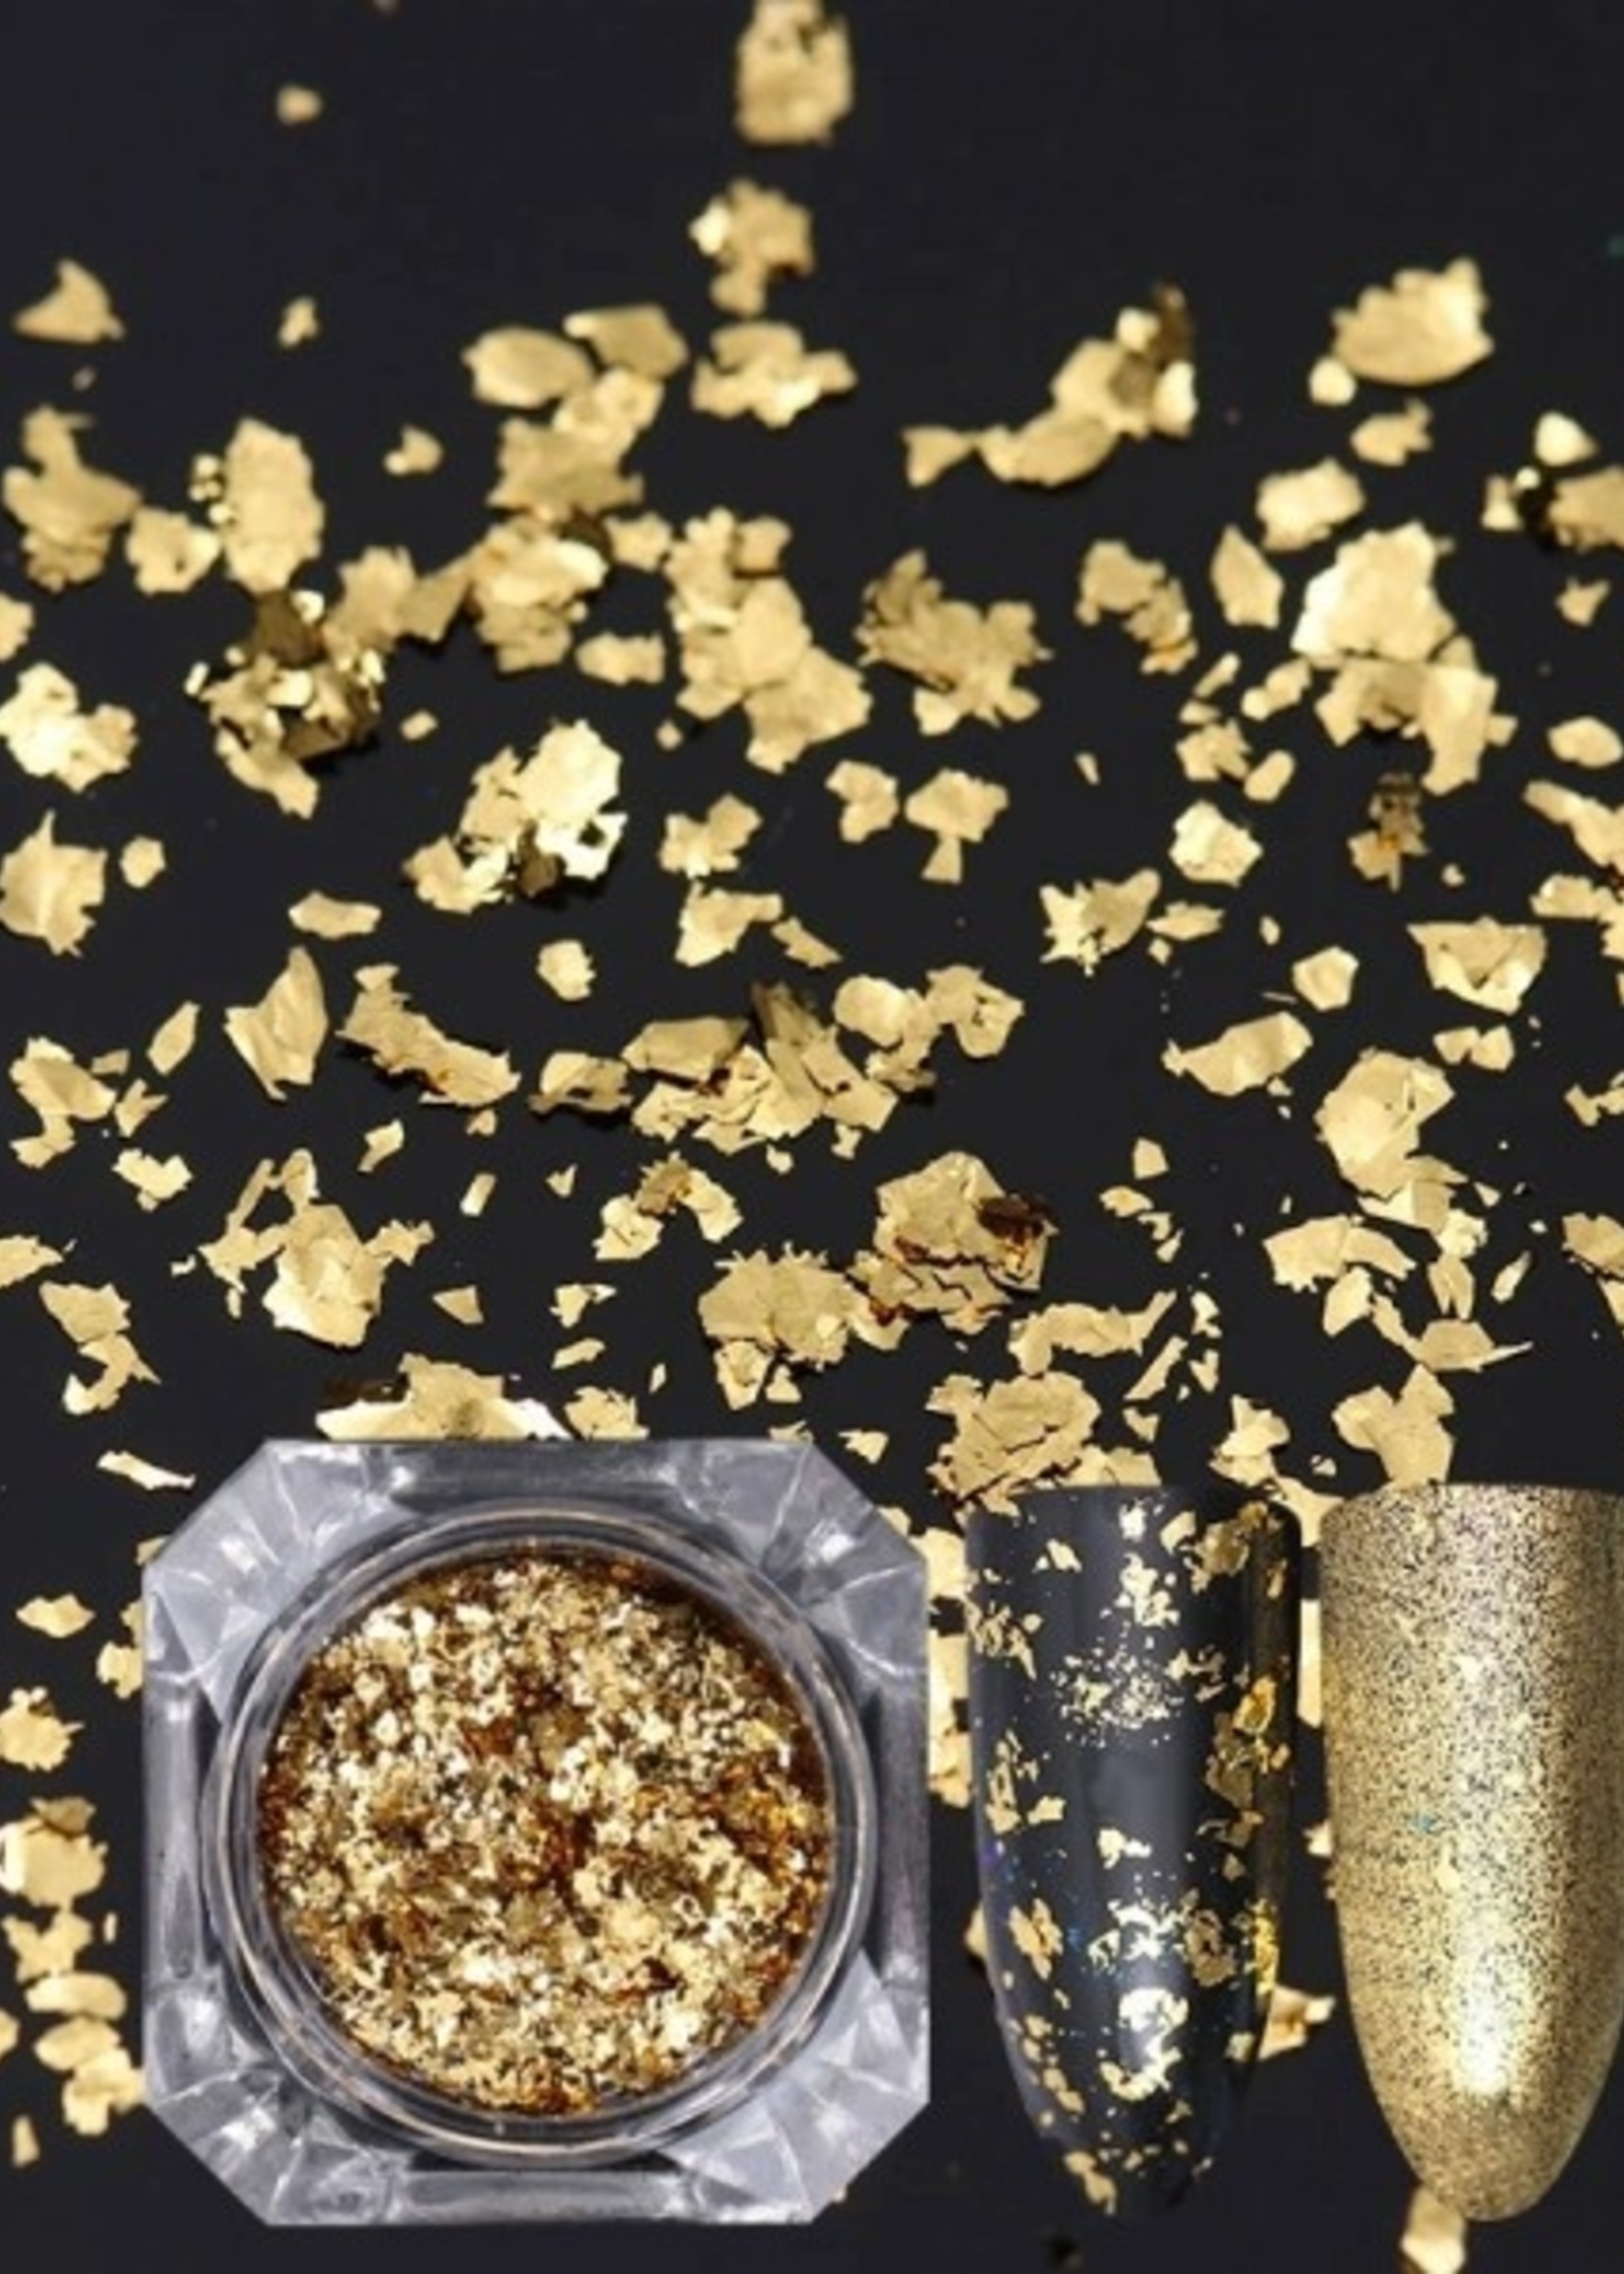 Glitter Queen 24 karat gold flakes